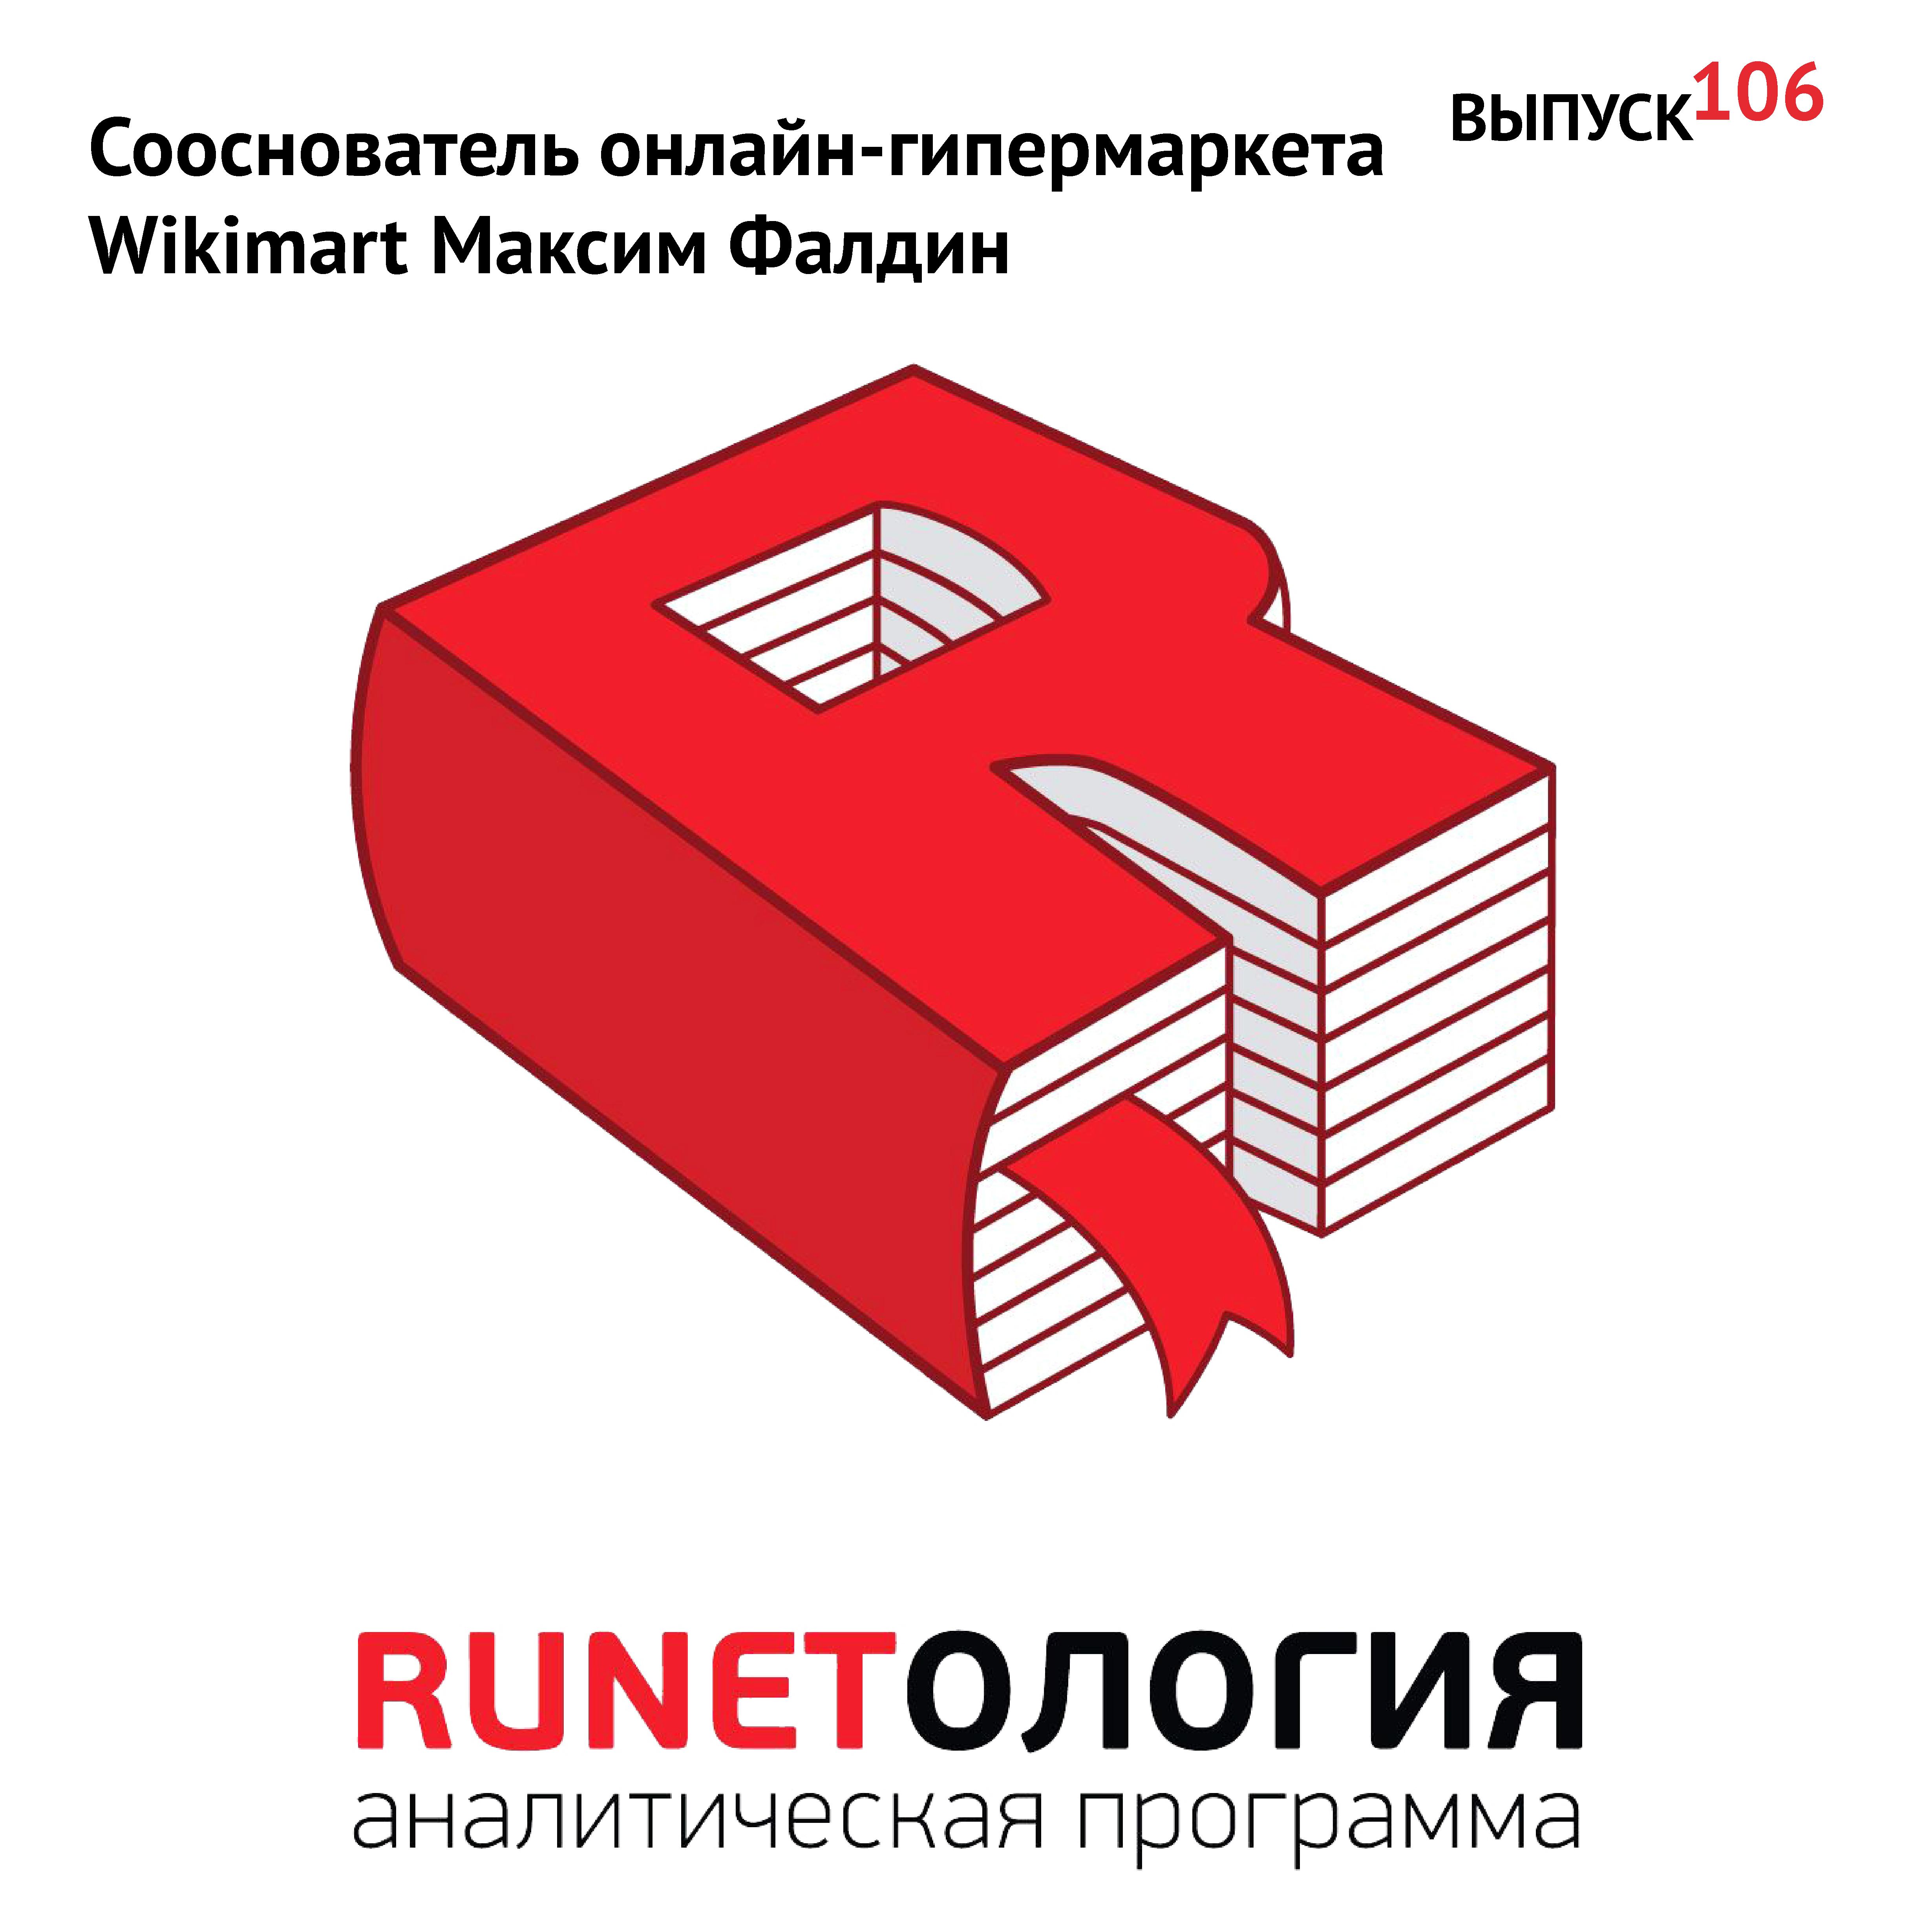 Сооснователь онлайн-гипермаркета Wikimart Максим Фалдин